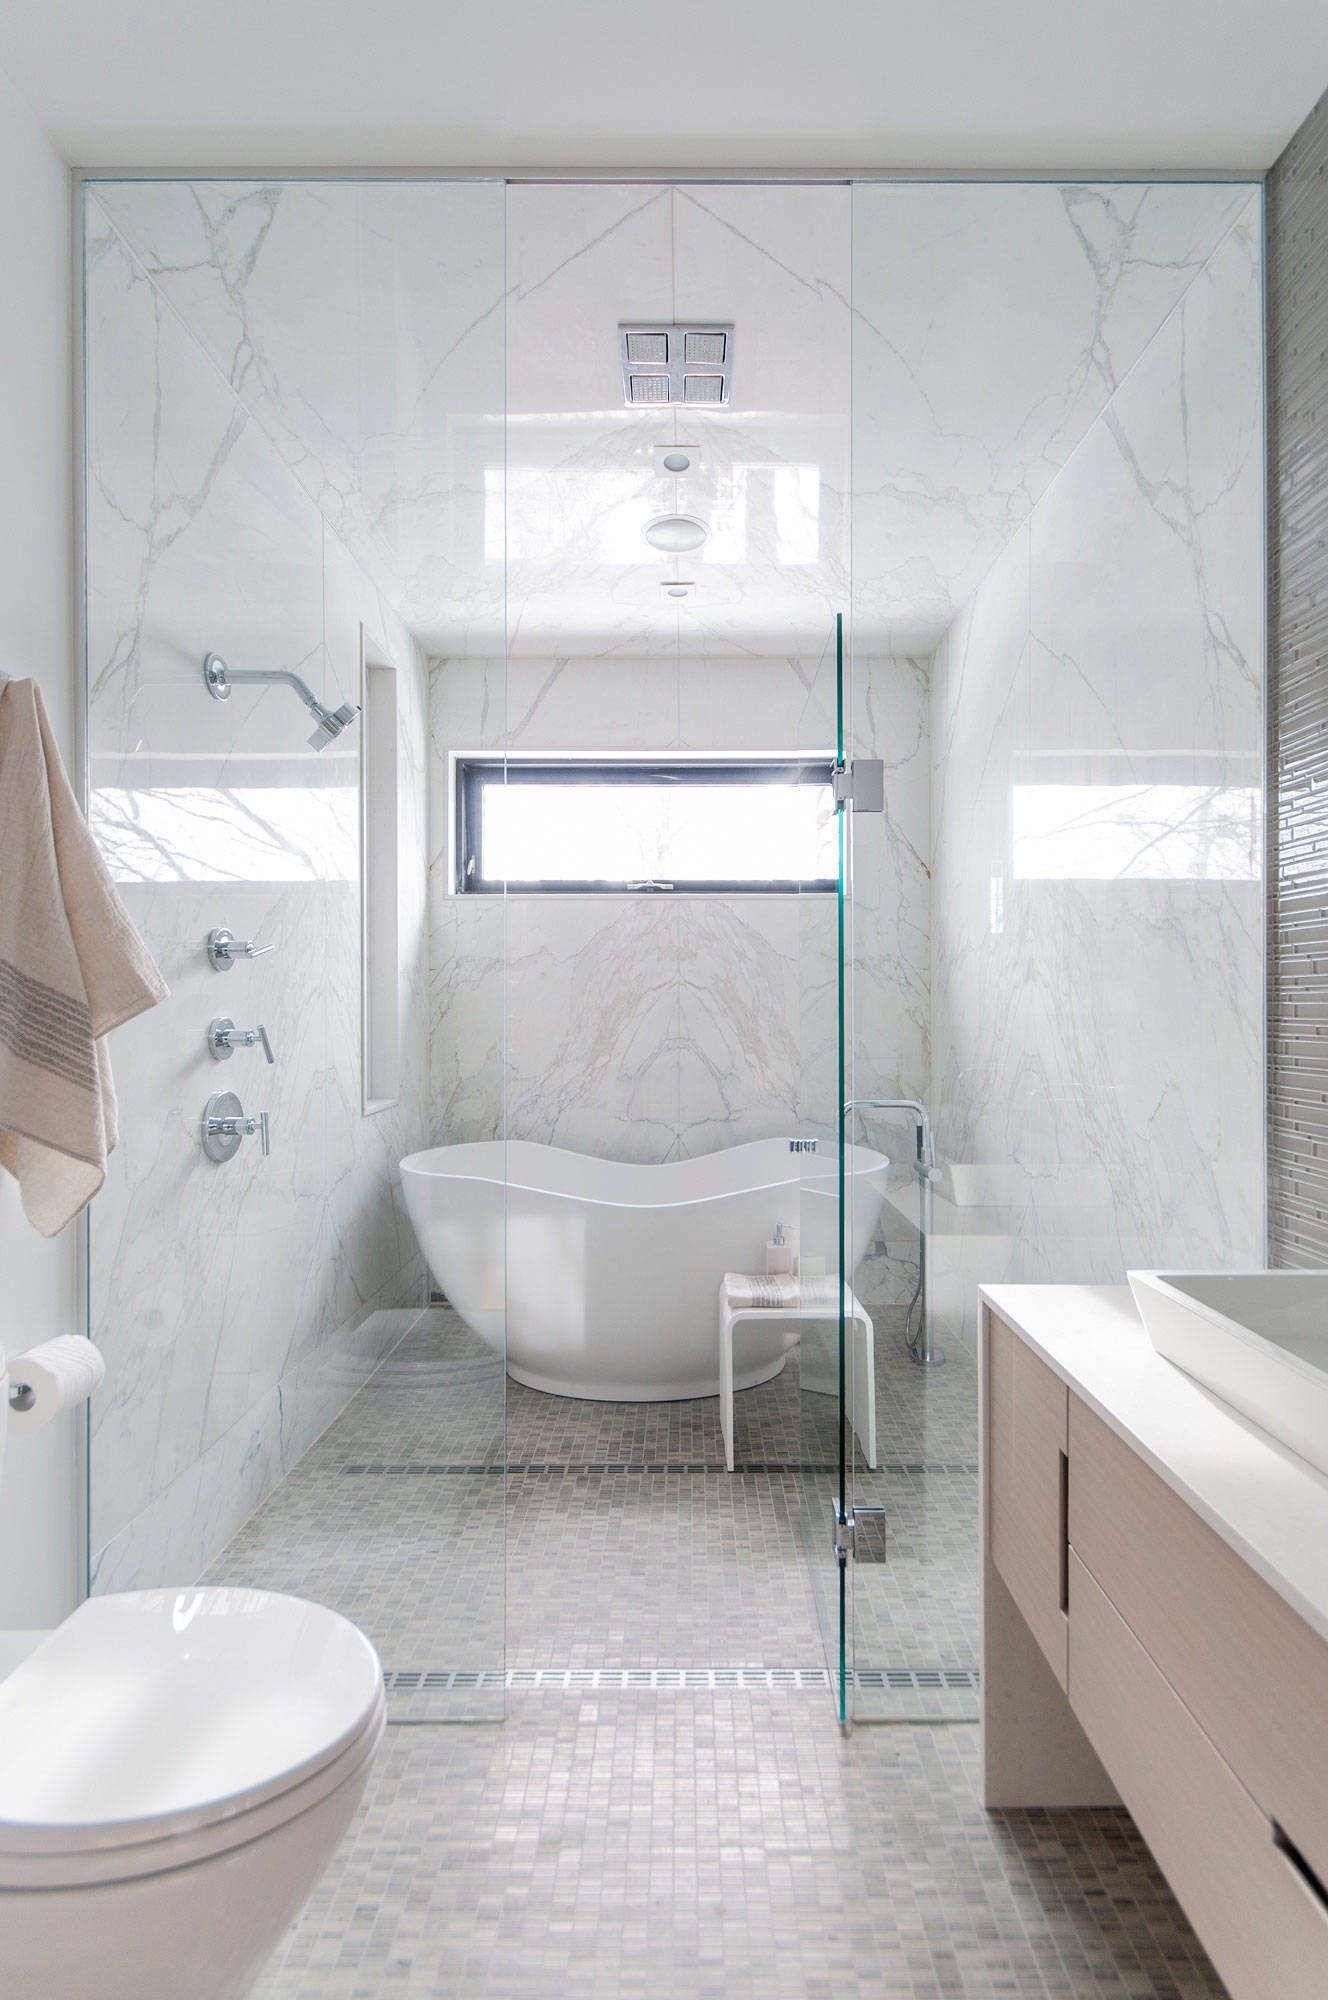 Bathtub Small Bathroom Remodel Ideas With Tub